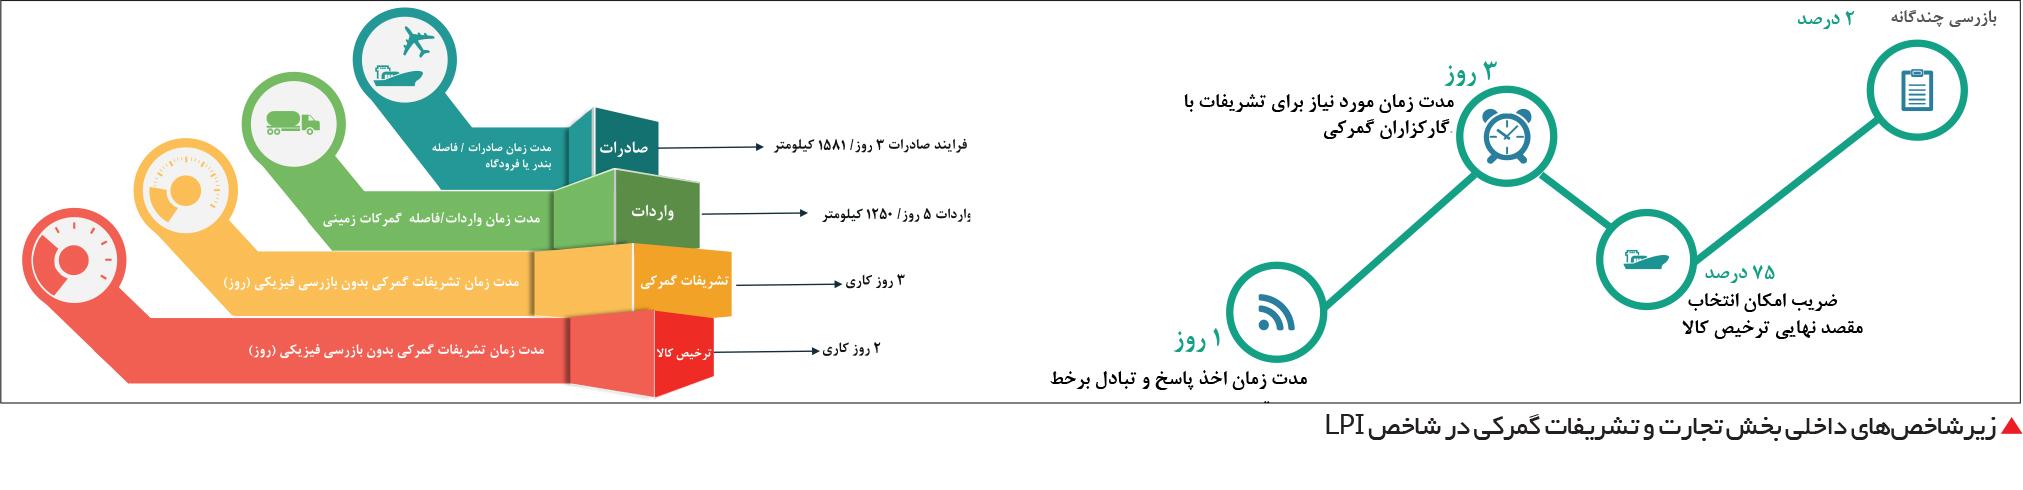 تجارت- فردا-  زیرشاخصهای داخلی بخش تجارت و تشریفات گمرکی در شاخص LPI